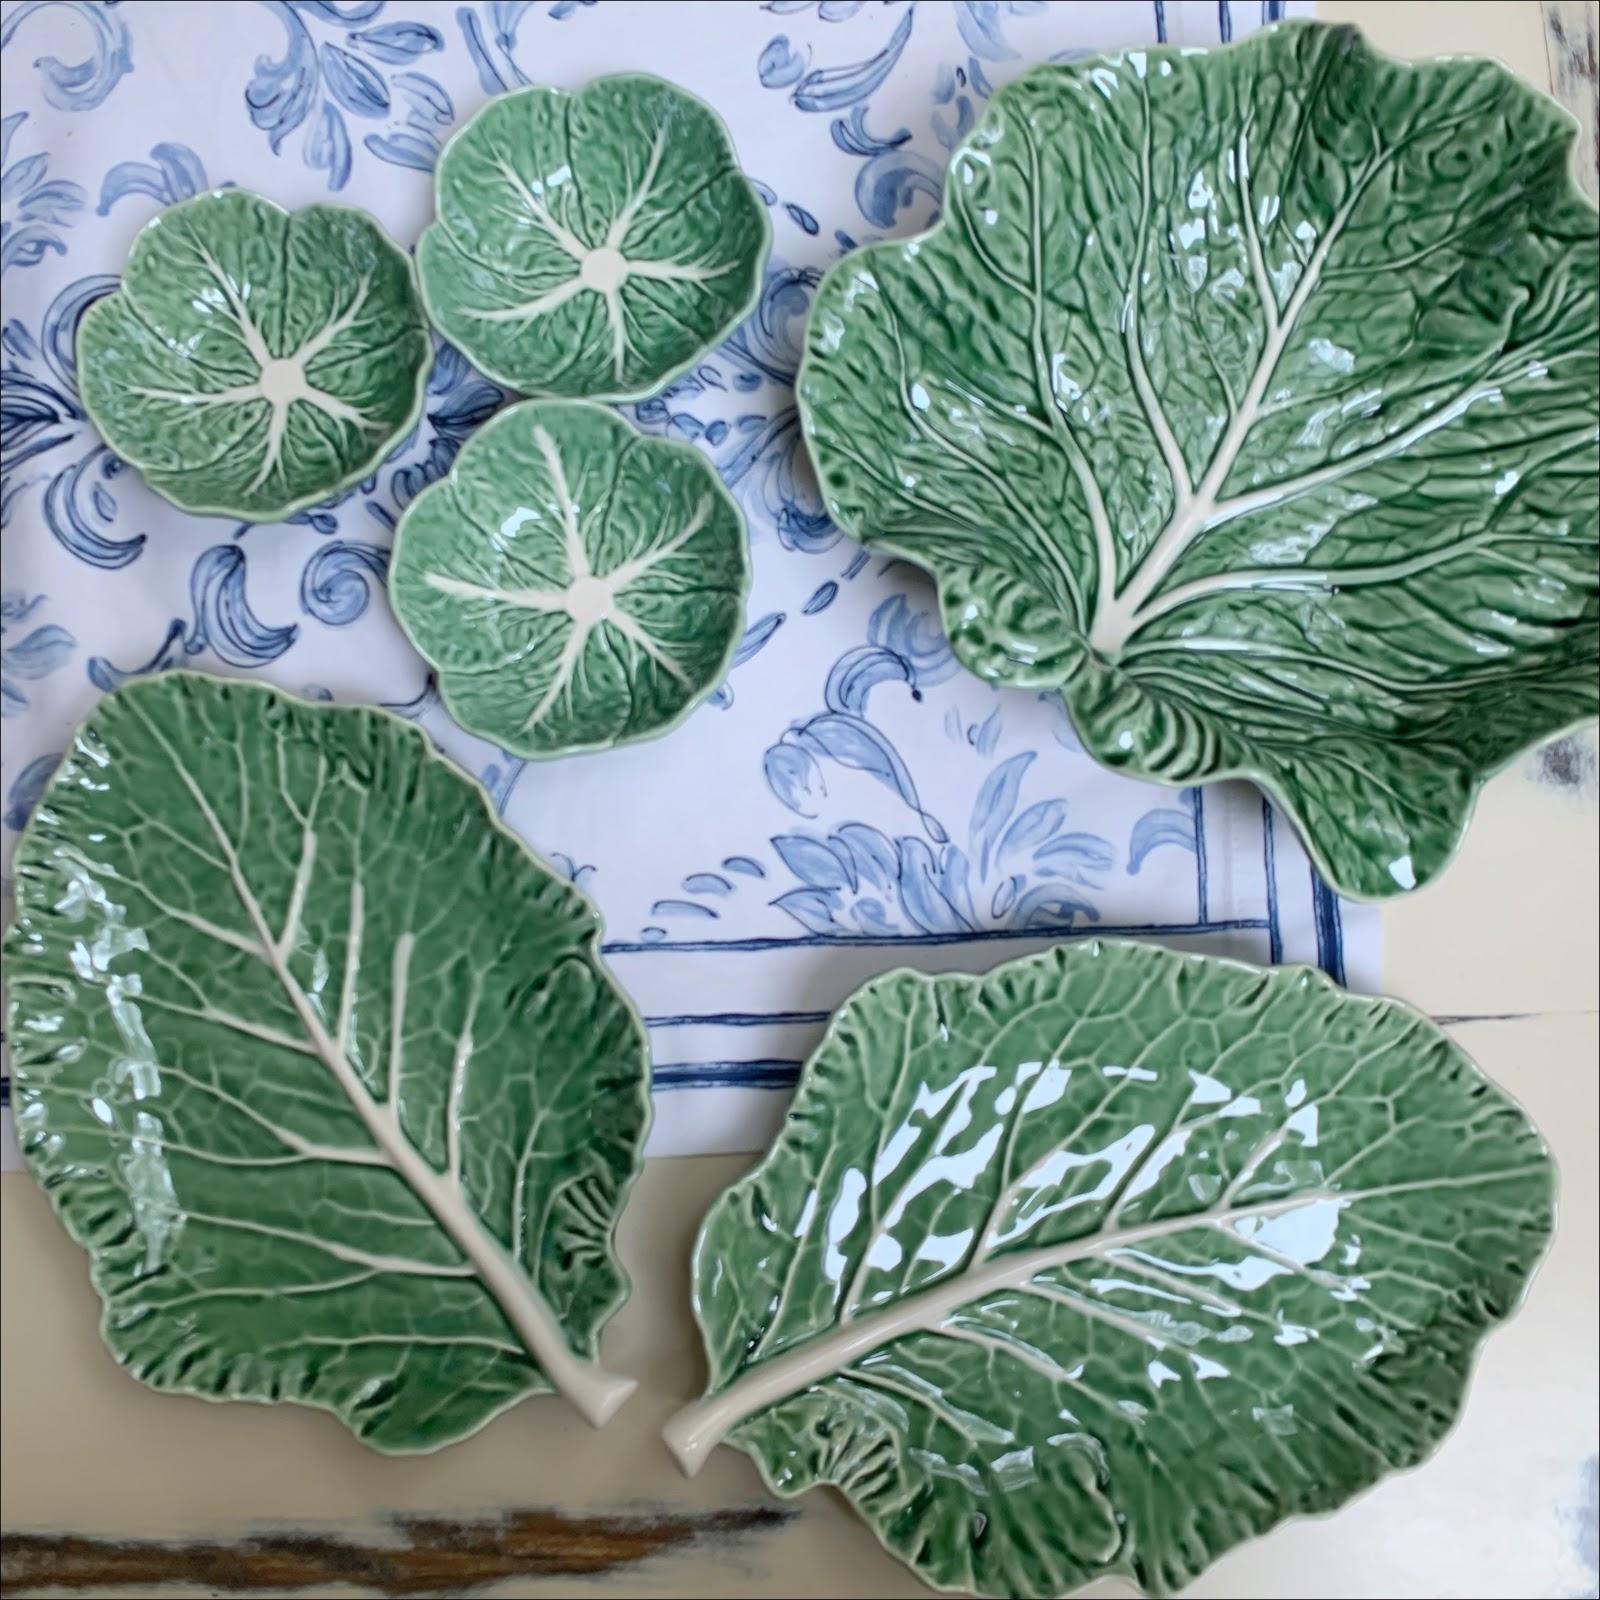 my midlife fashion, arket, bordallo pinheiro leaf plate, bordallo pinheiro concave leaf, bordallo pinheiro cabbage bowl